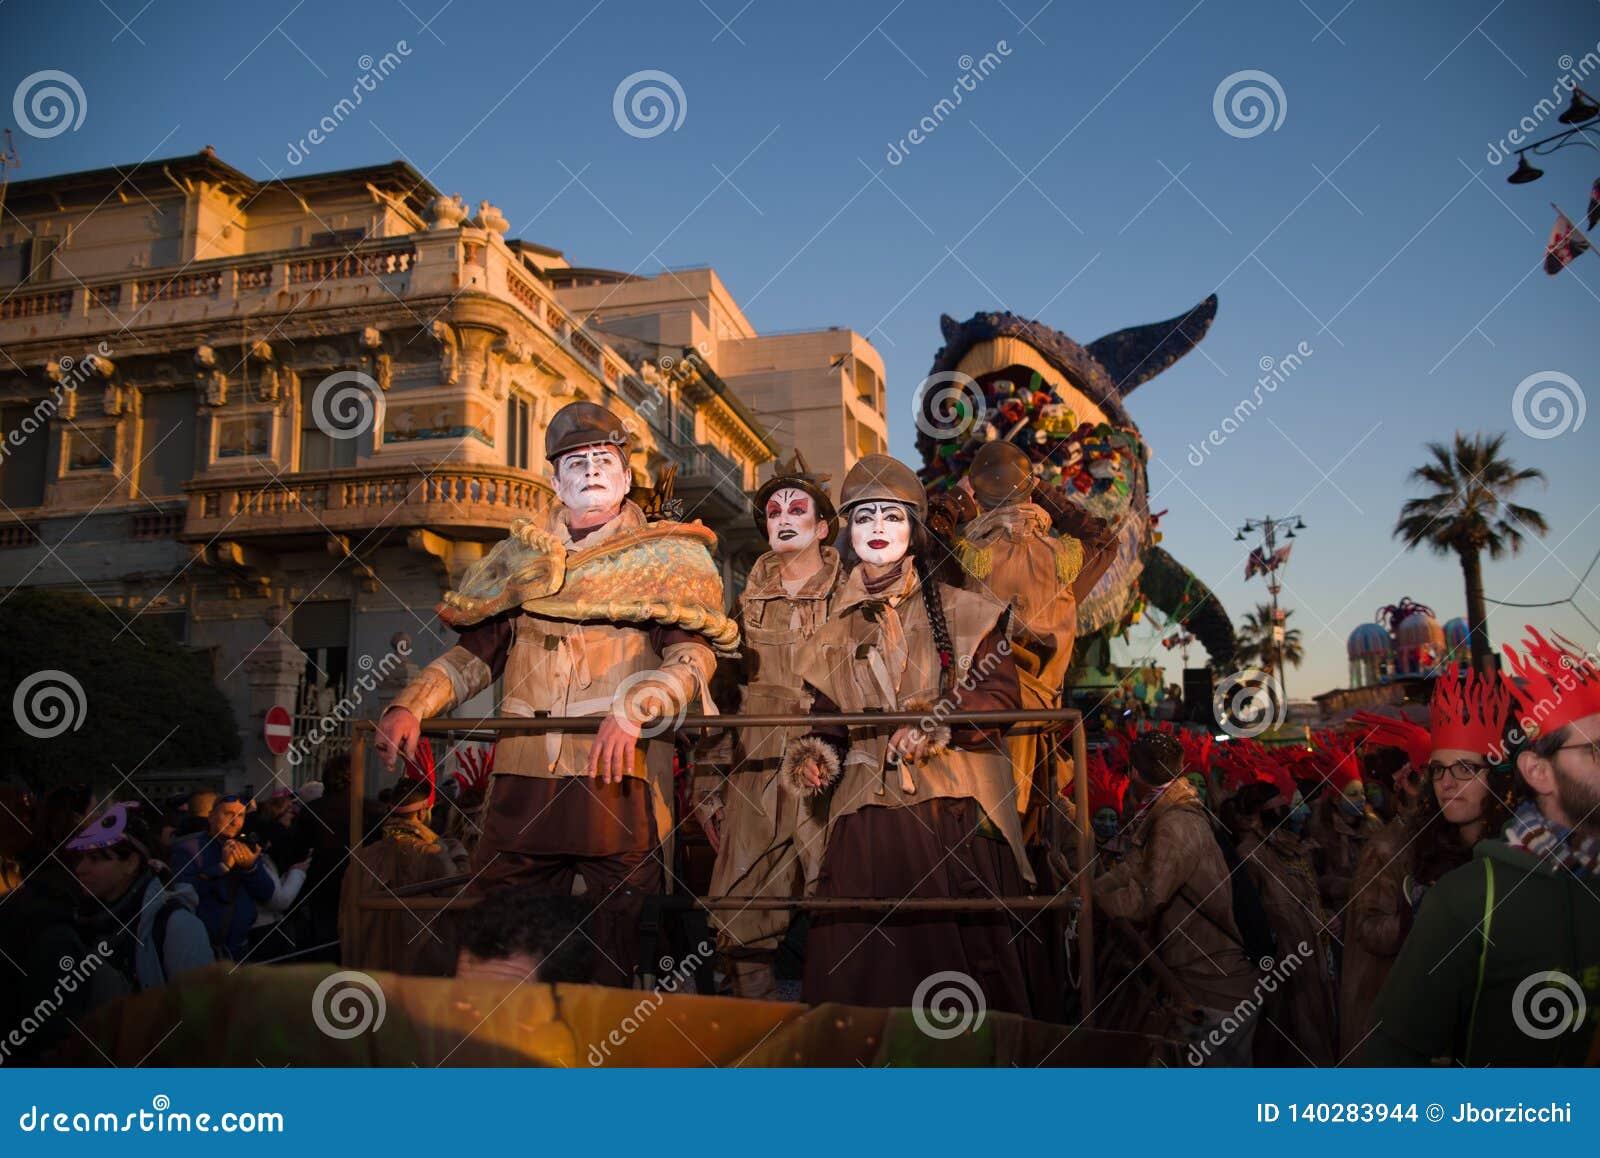 El carnaval de Viareggio, edición 2019